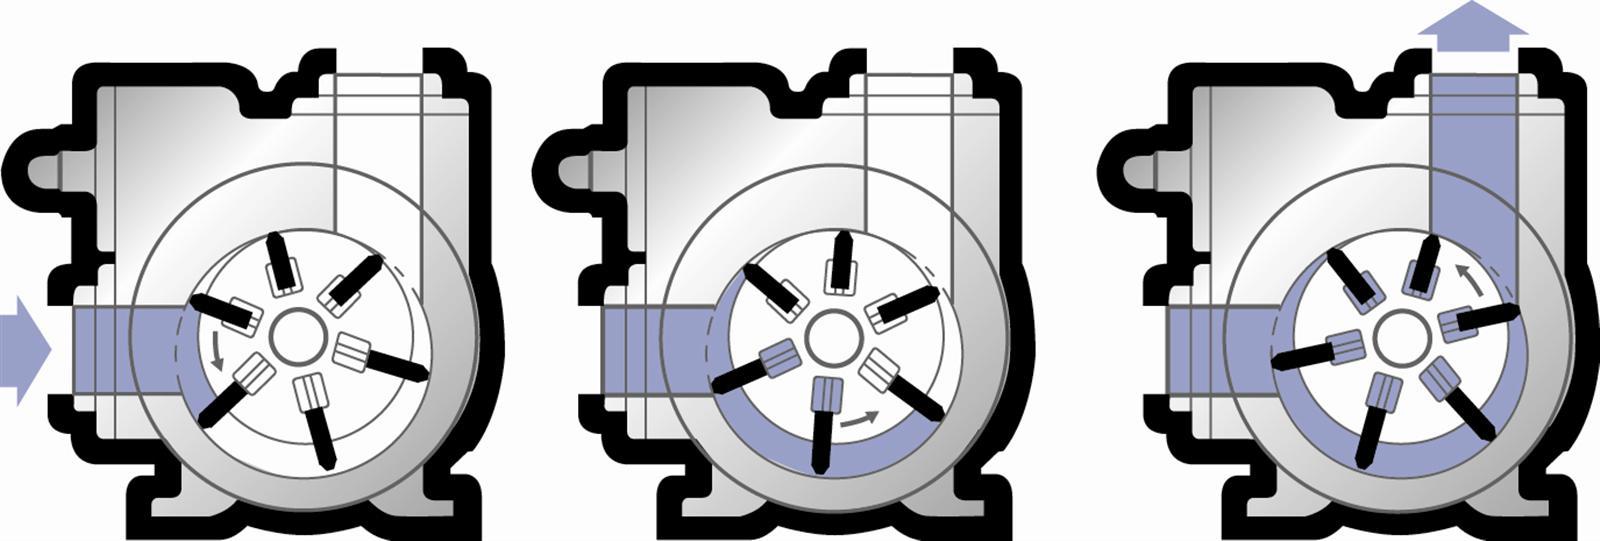 Схема работы пластинчато-роторных насосов